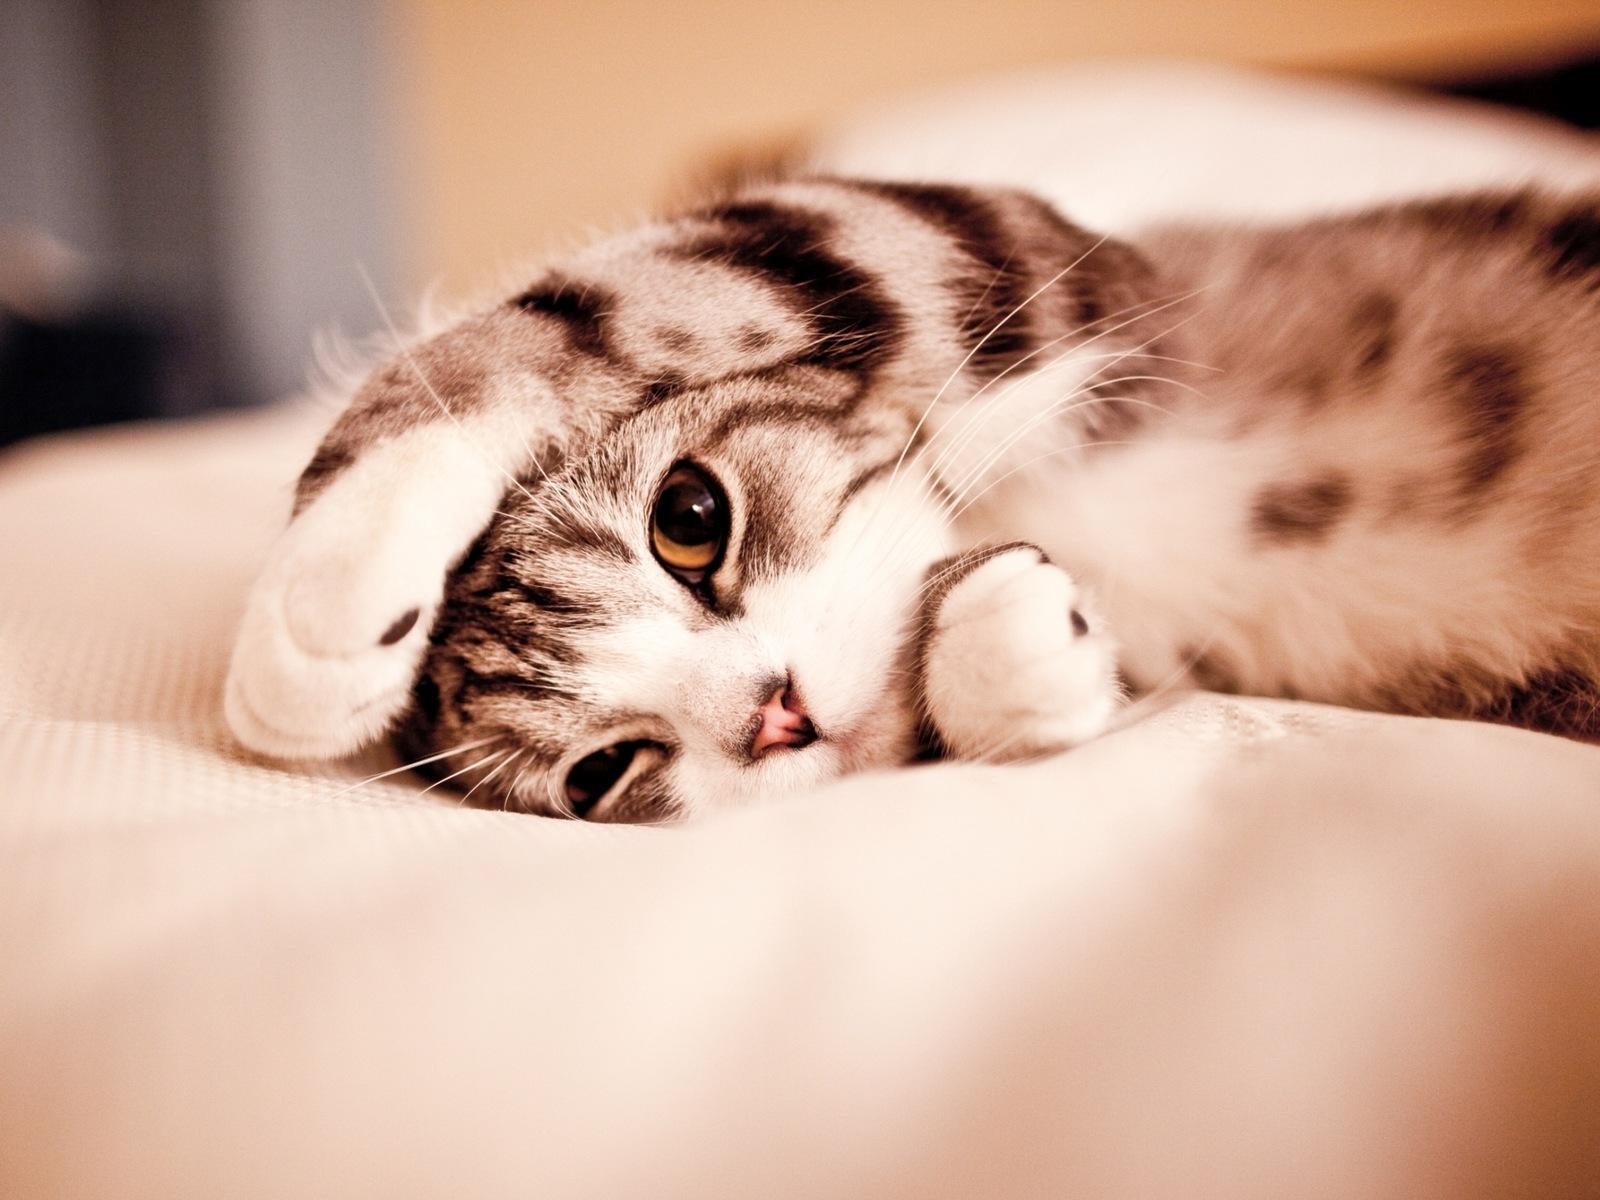 зашла открытки с котиком хочу к тебе говоря, том